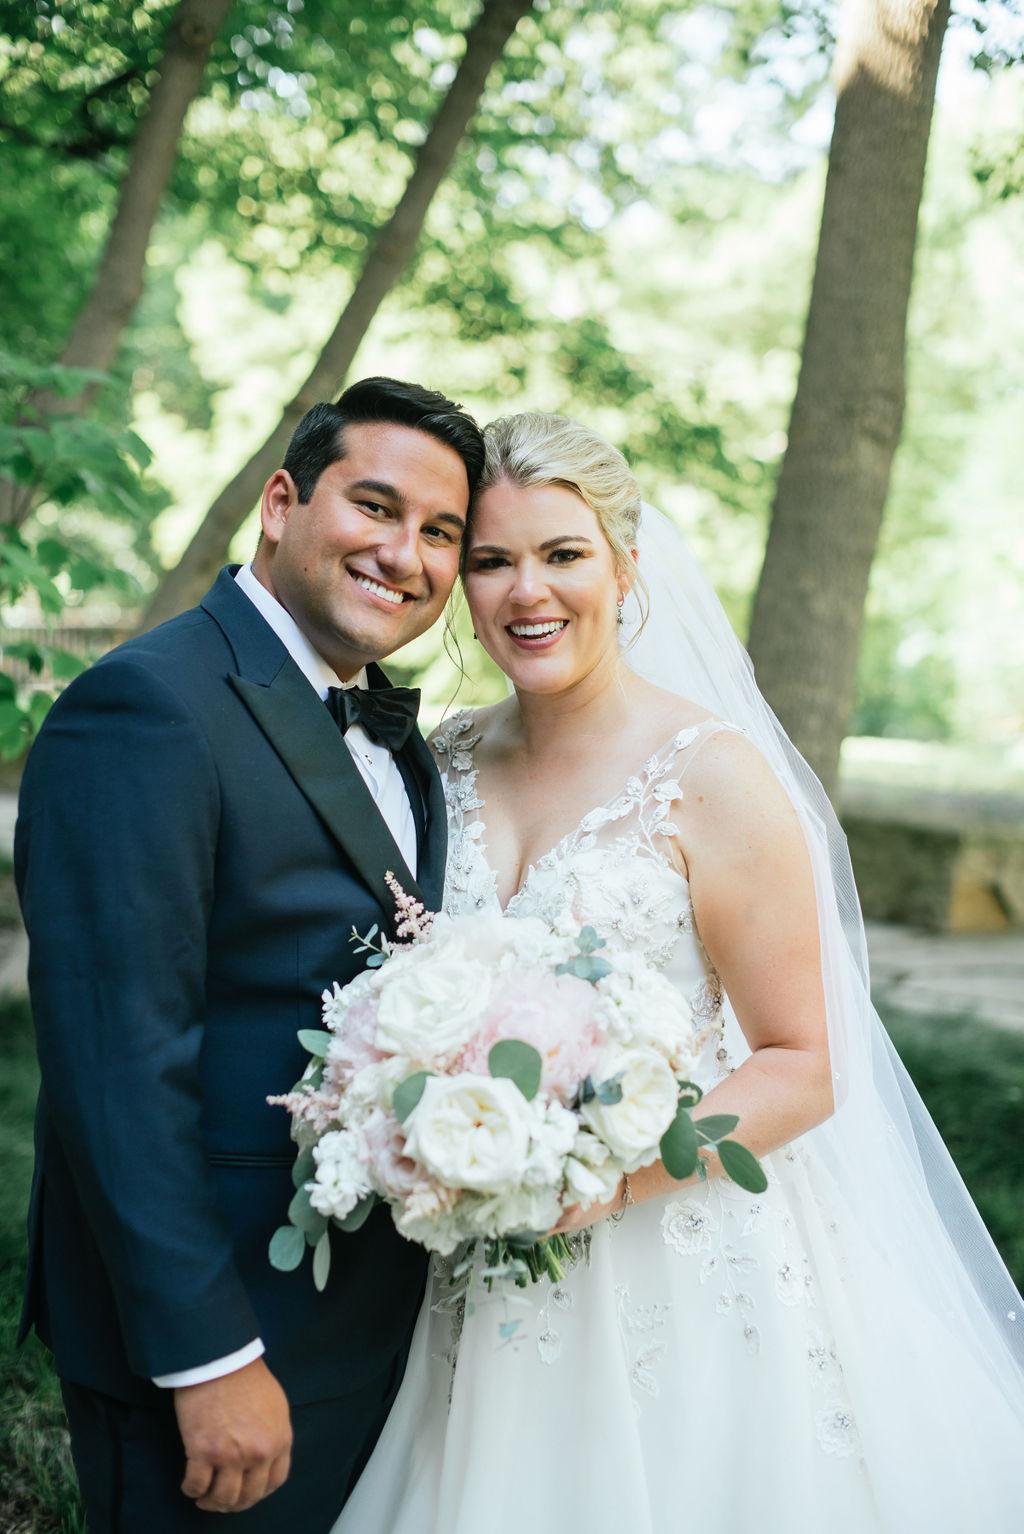 Matt & Julie Weddings